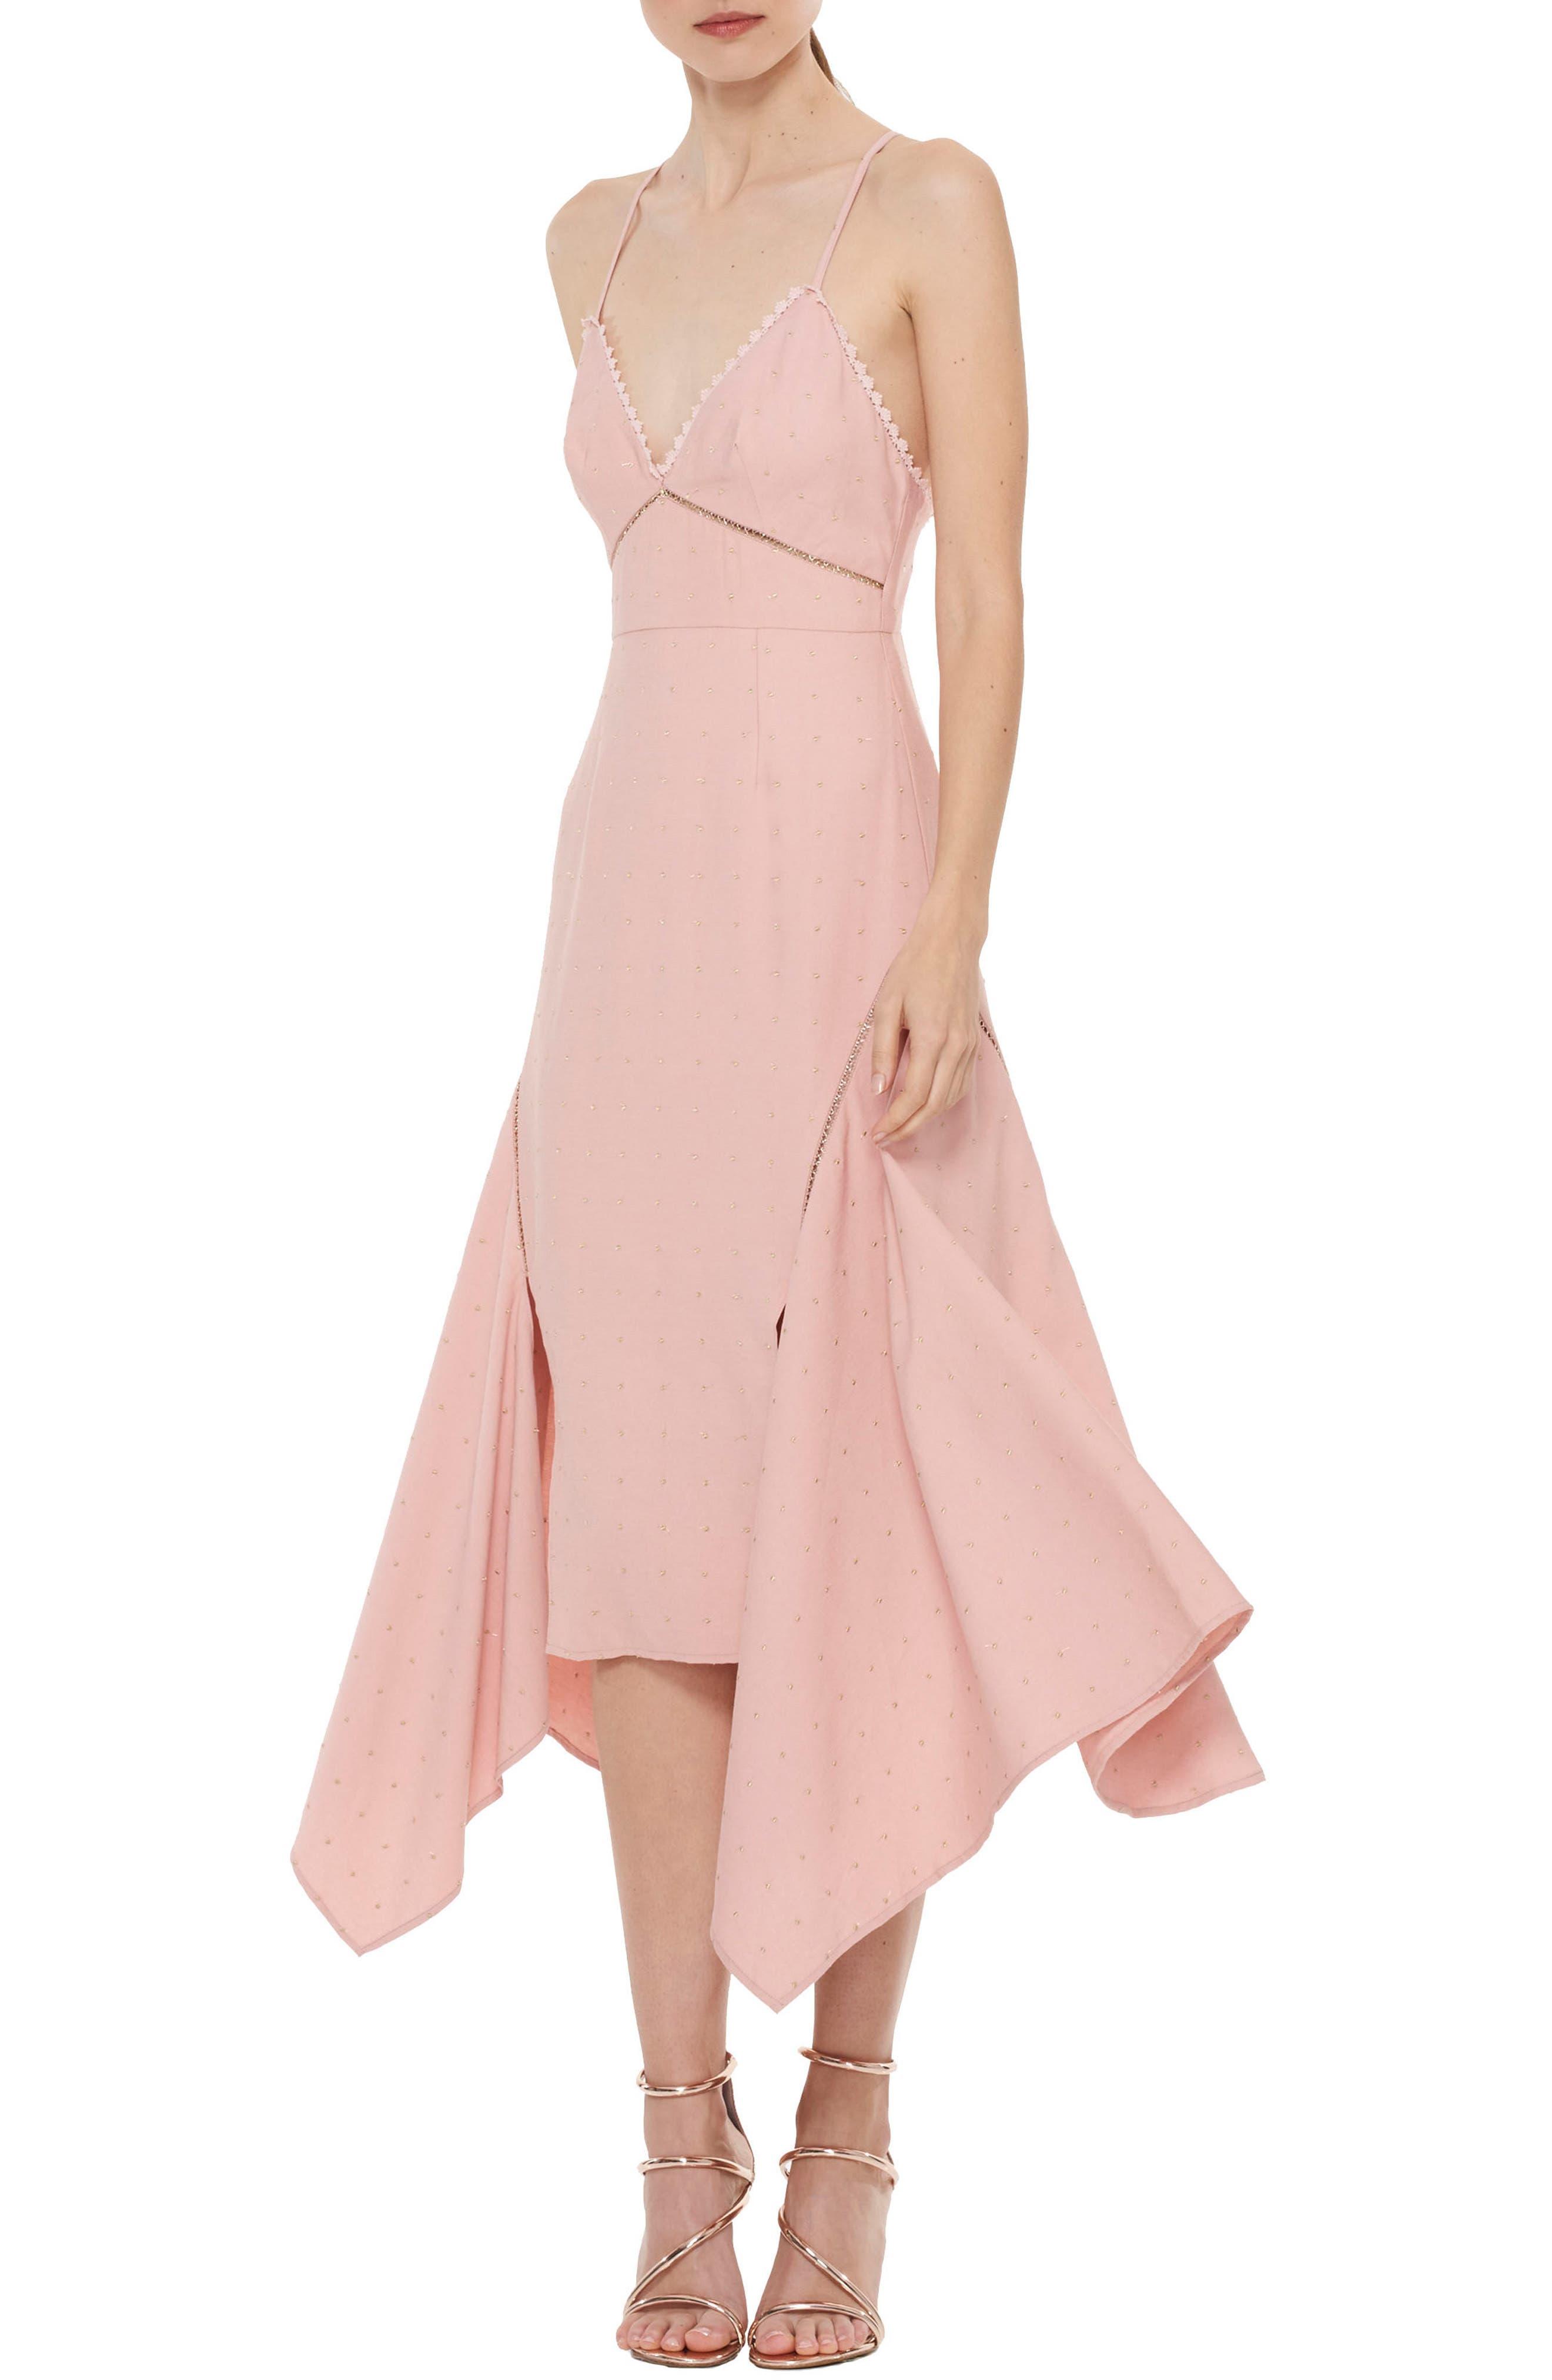 Main Image - LA MAISON TALULAH Penelope Embellished Godet Dress